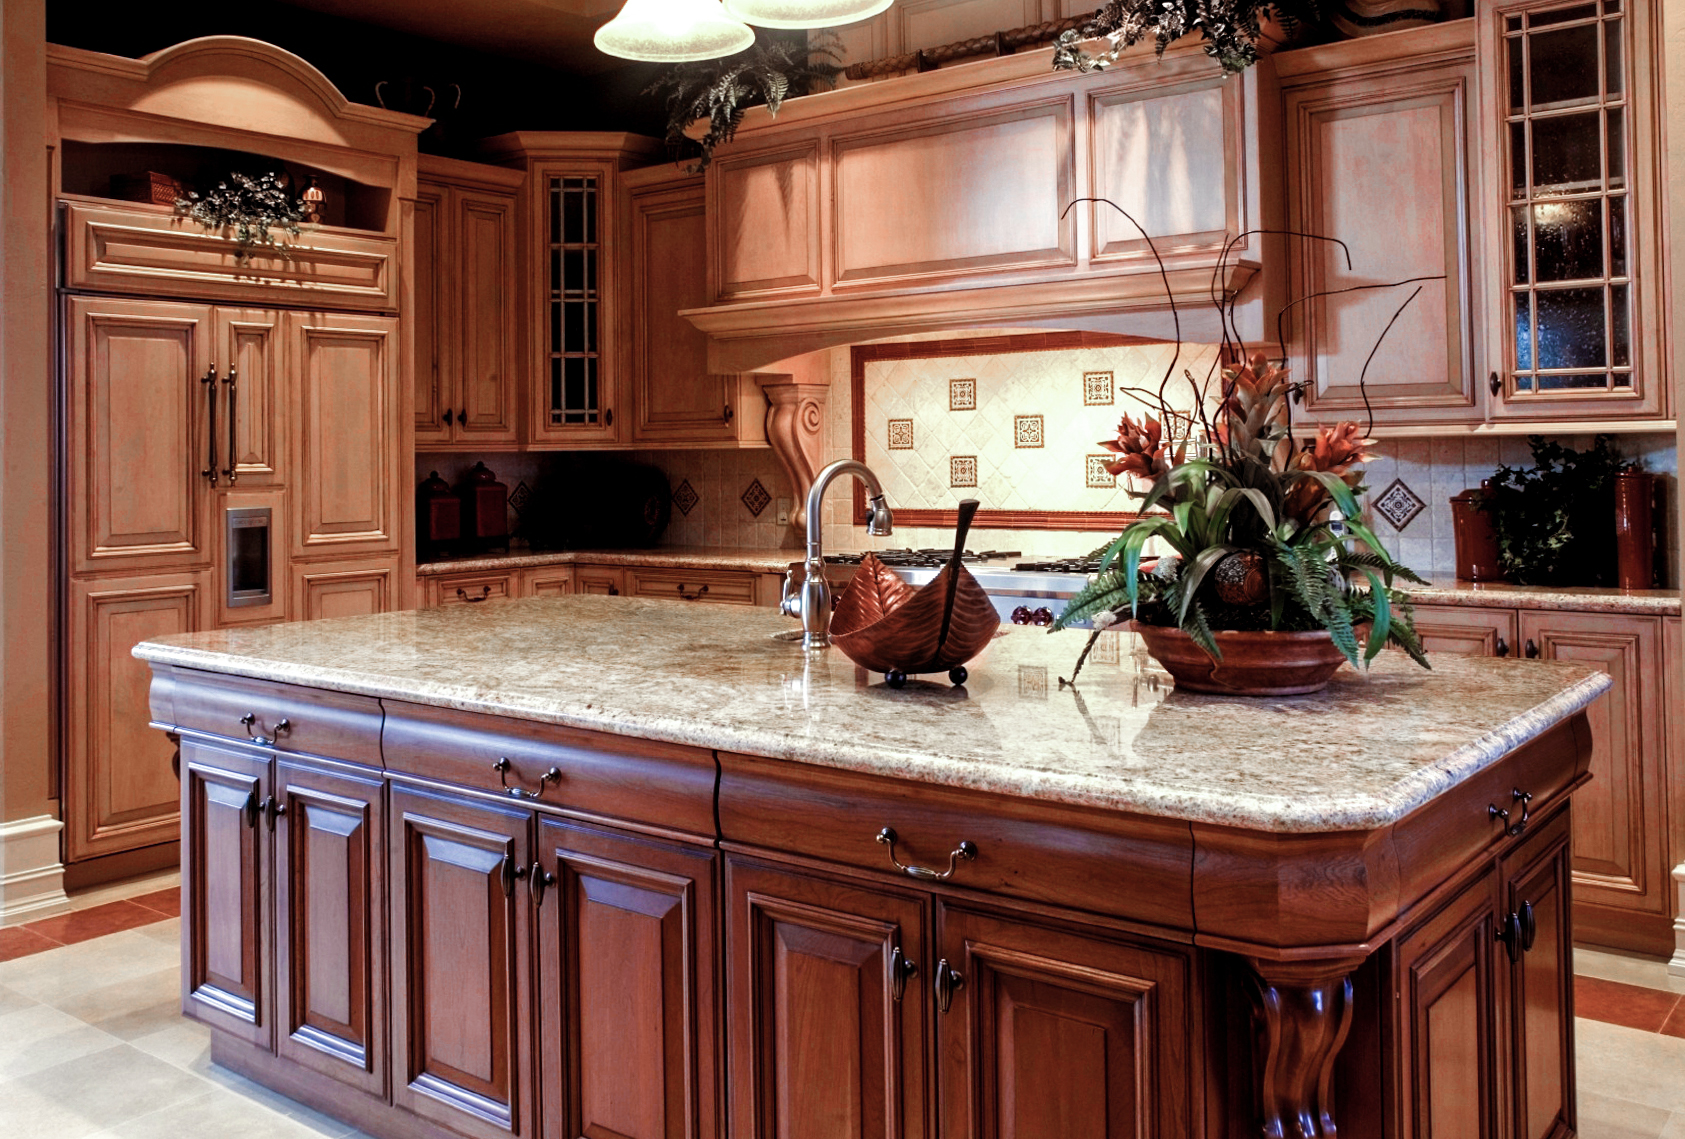 Großartig Küchenschrank Hardware Zieht Fotos - Küchen Design Ideen ...